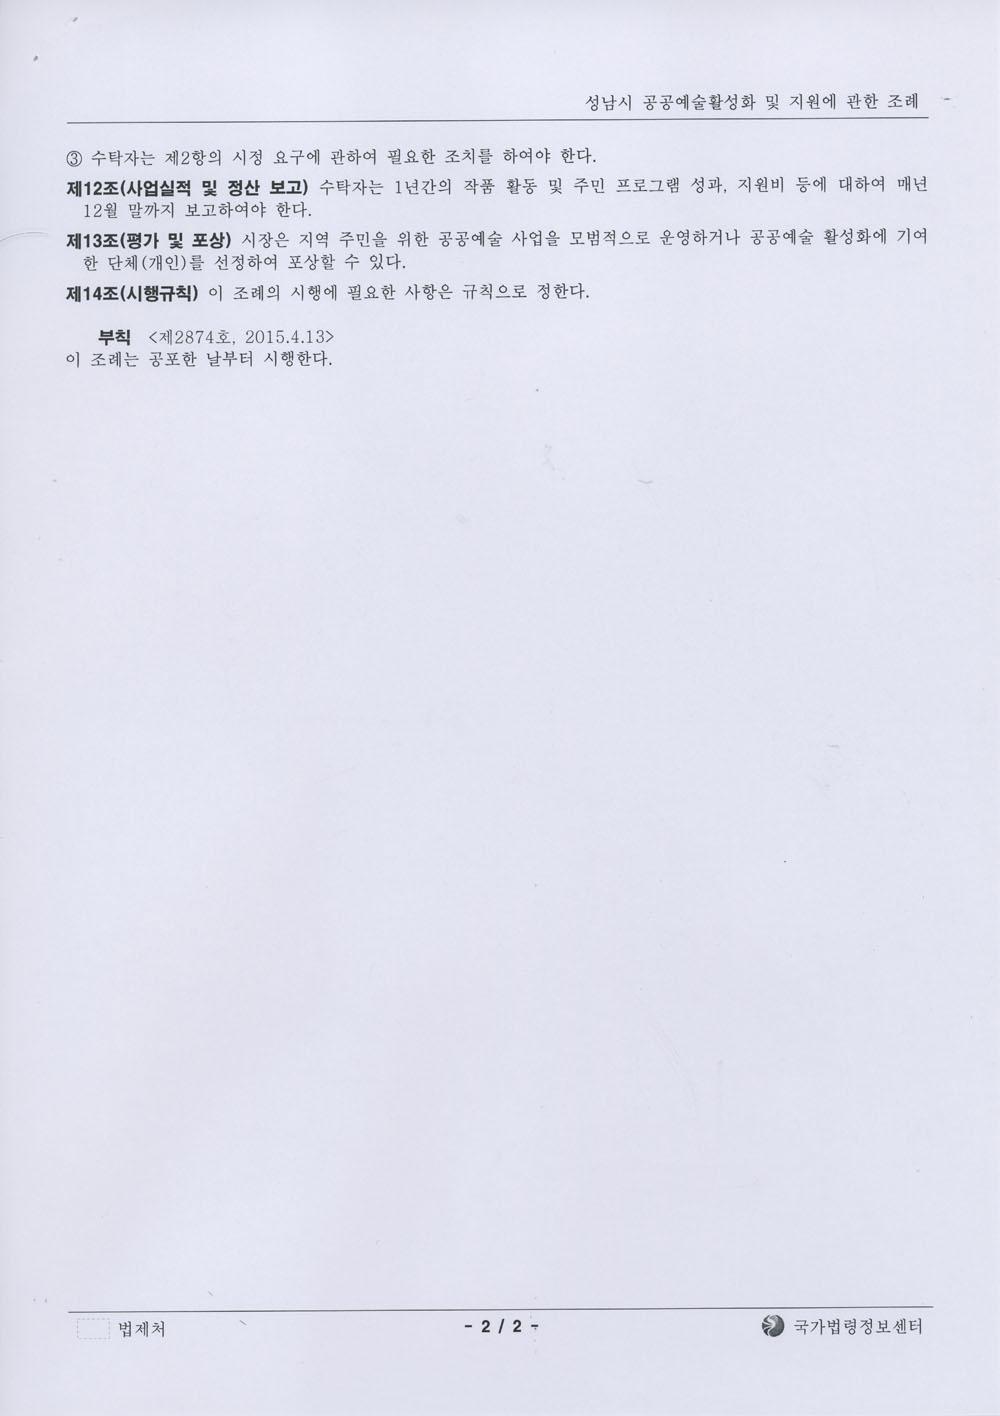 20171228_성남시 공공예술활성화 및 지원에 관한 조례_페이지_2.jpg